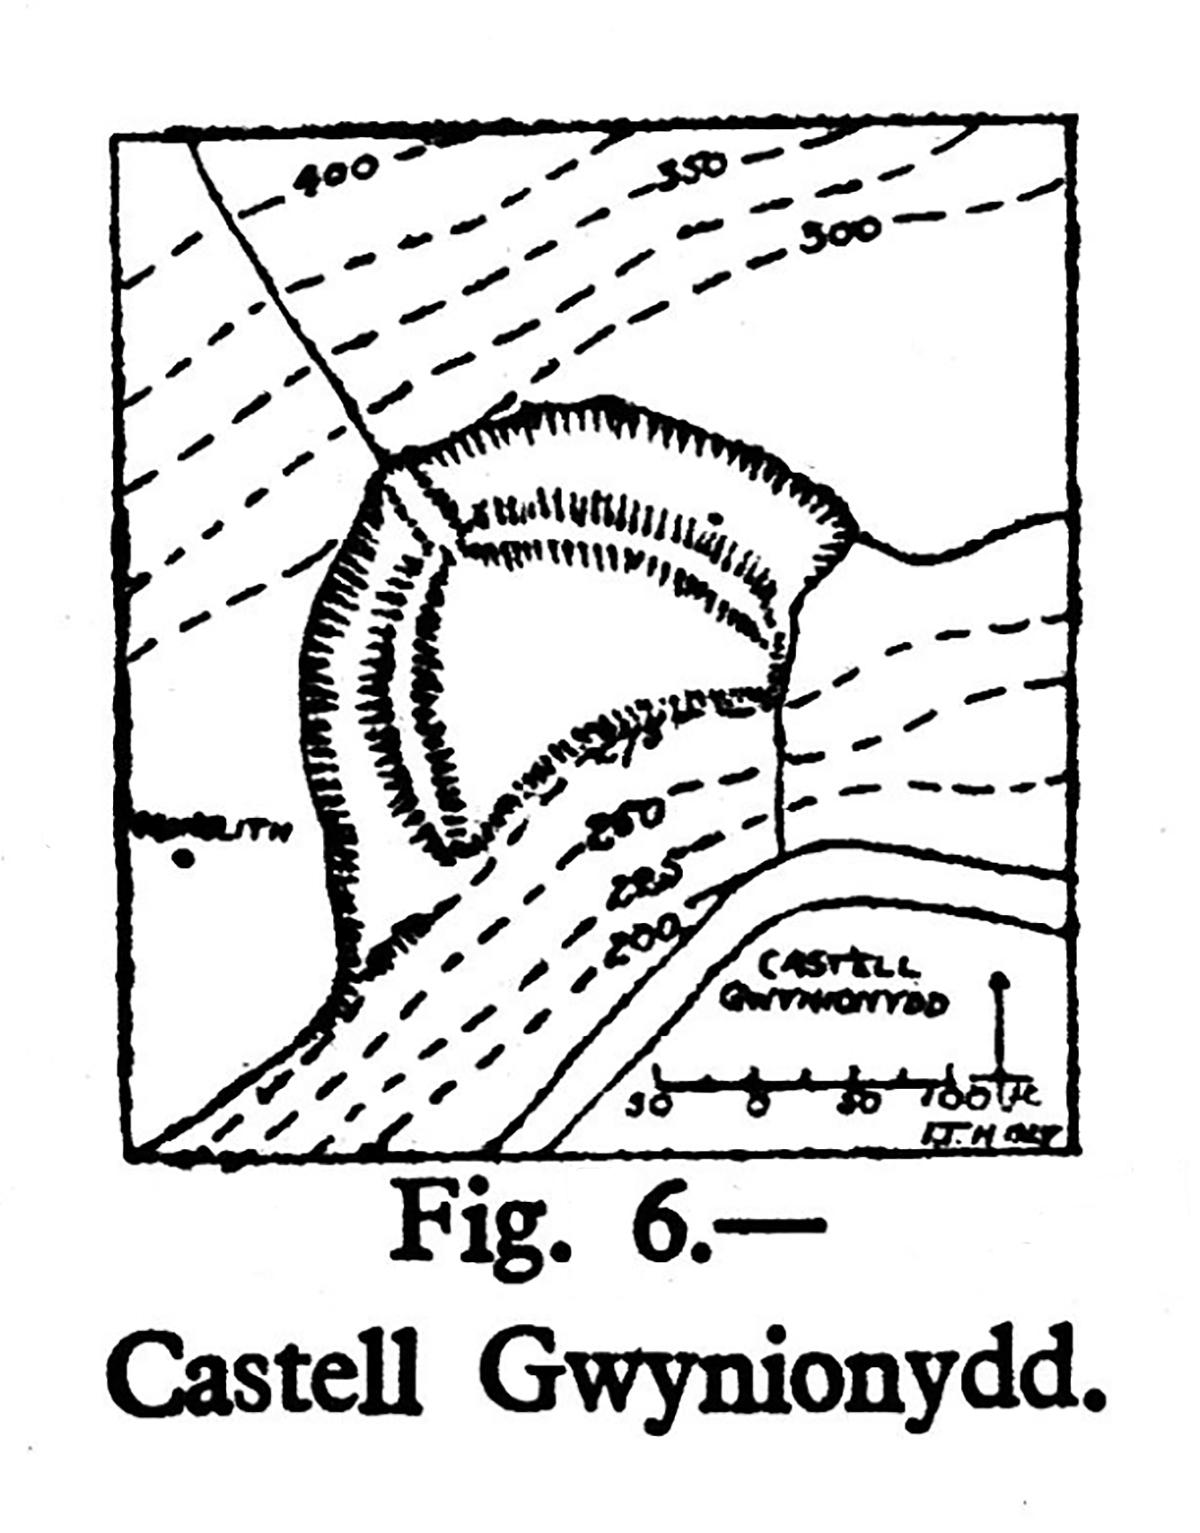 Site plan of Castell Gwynionydd